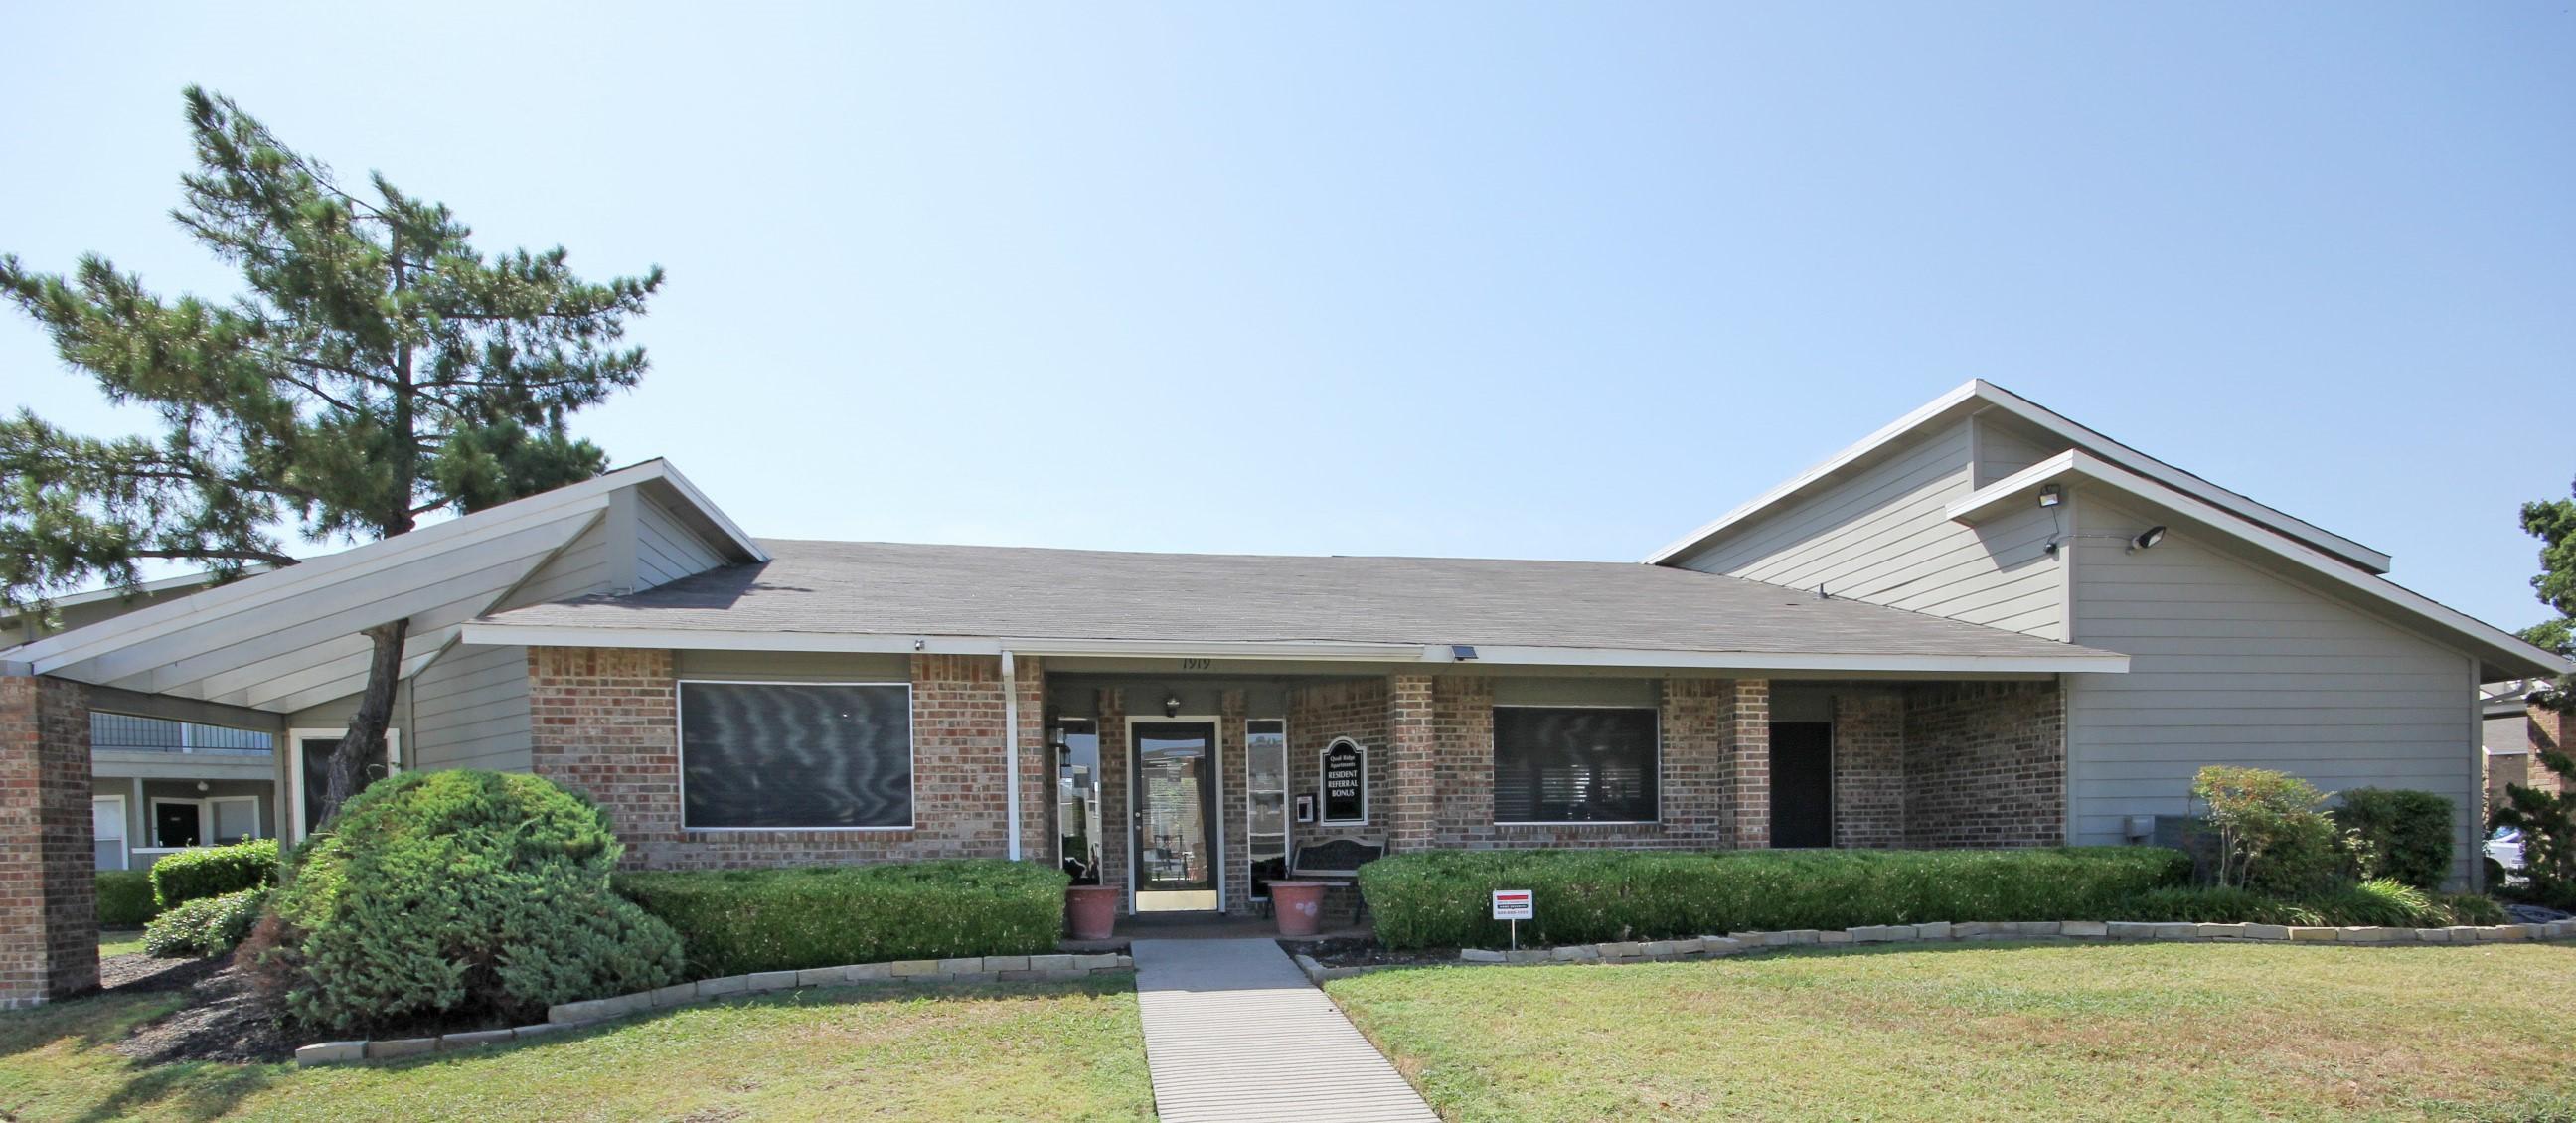 Grand Prairie Apartment Rentals at Quail Ridge Apartments in Grand Prairie, Texas